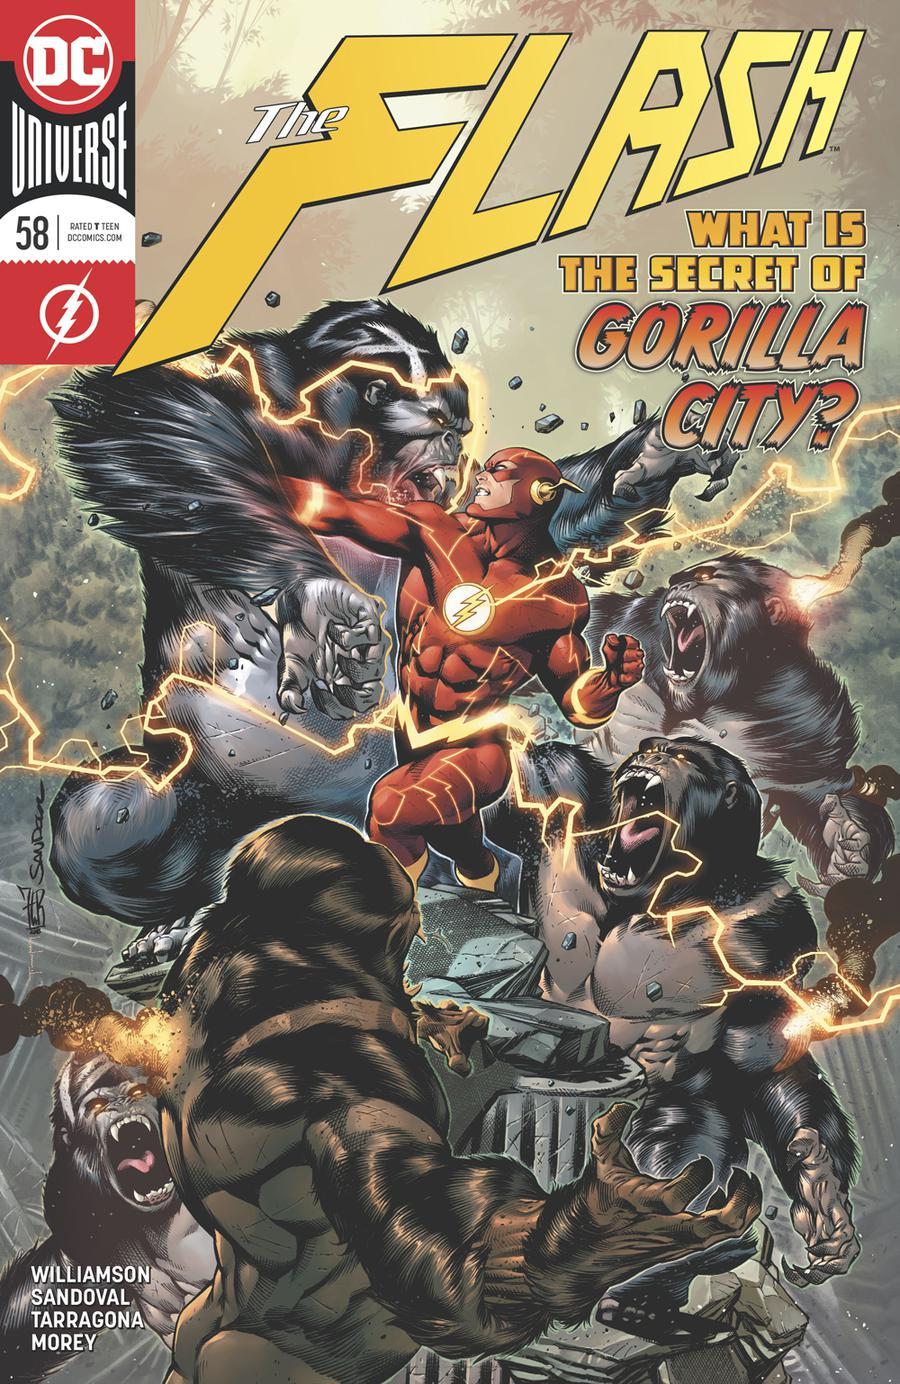 Flash Vol 5 #58 Cover A Regular Rafa Sandoval & Jordi Tarragona Cover